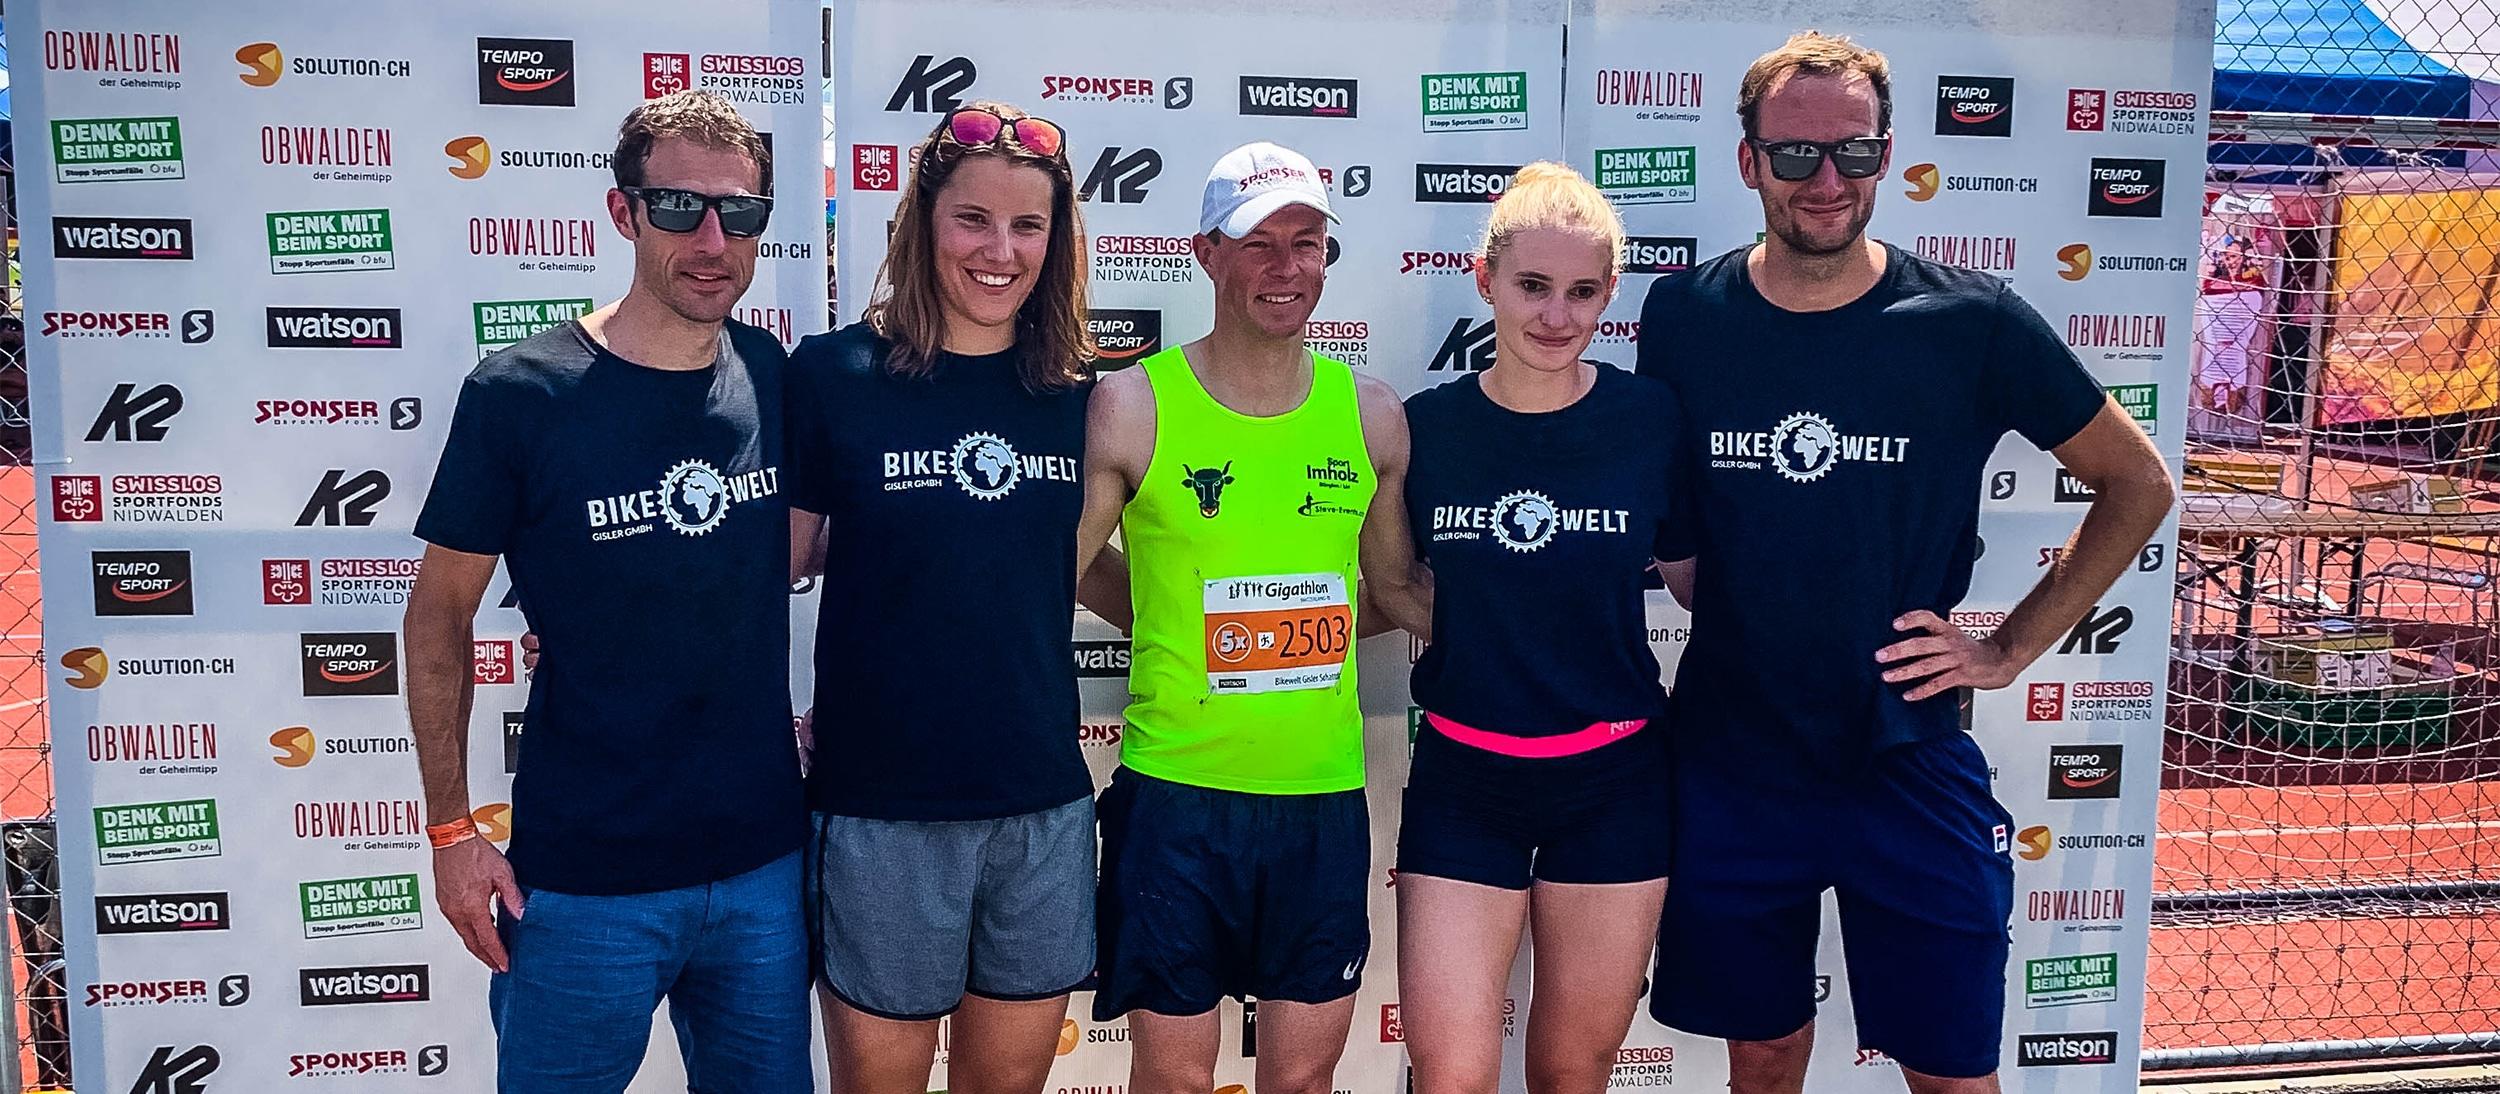 Für's Team Bikewelt Gisler am Start: Patrick Jauch (MTB), Sara Baumann (Schwimmen), Manfred Jauch (Running), Vera Güntert (Inline) und Thomas Krol (Rennvelo)